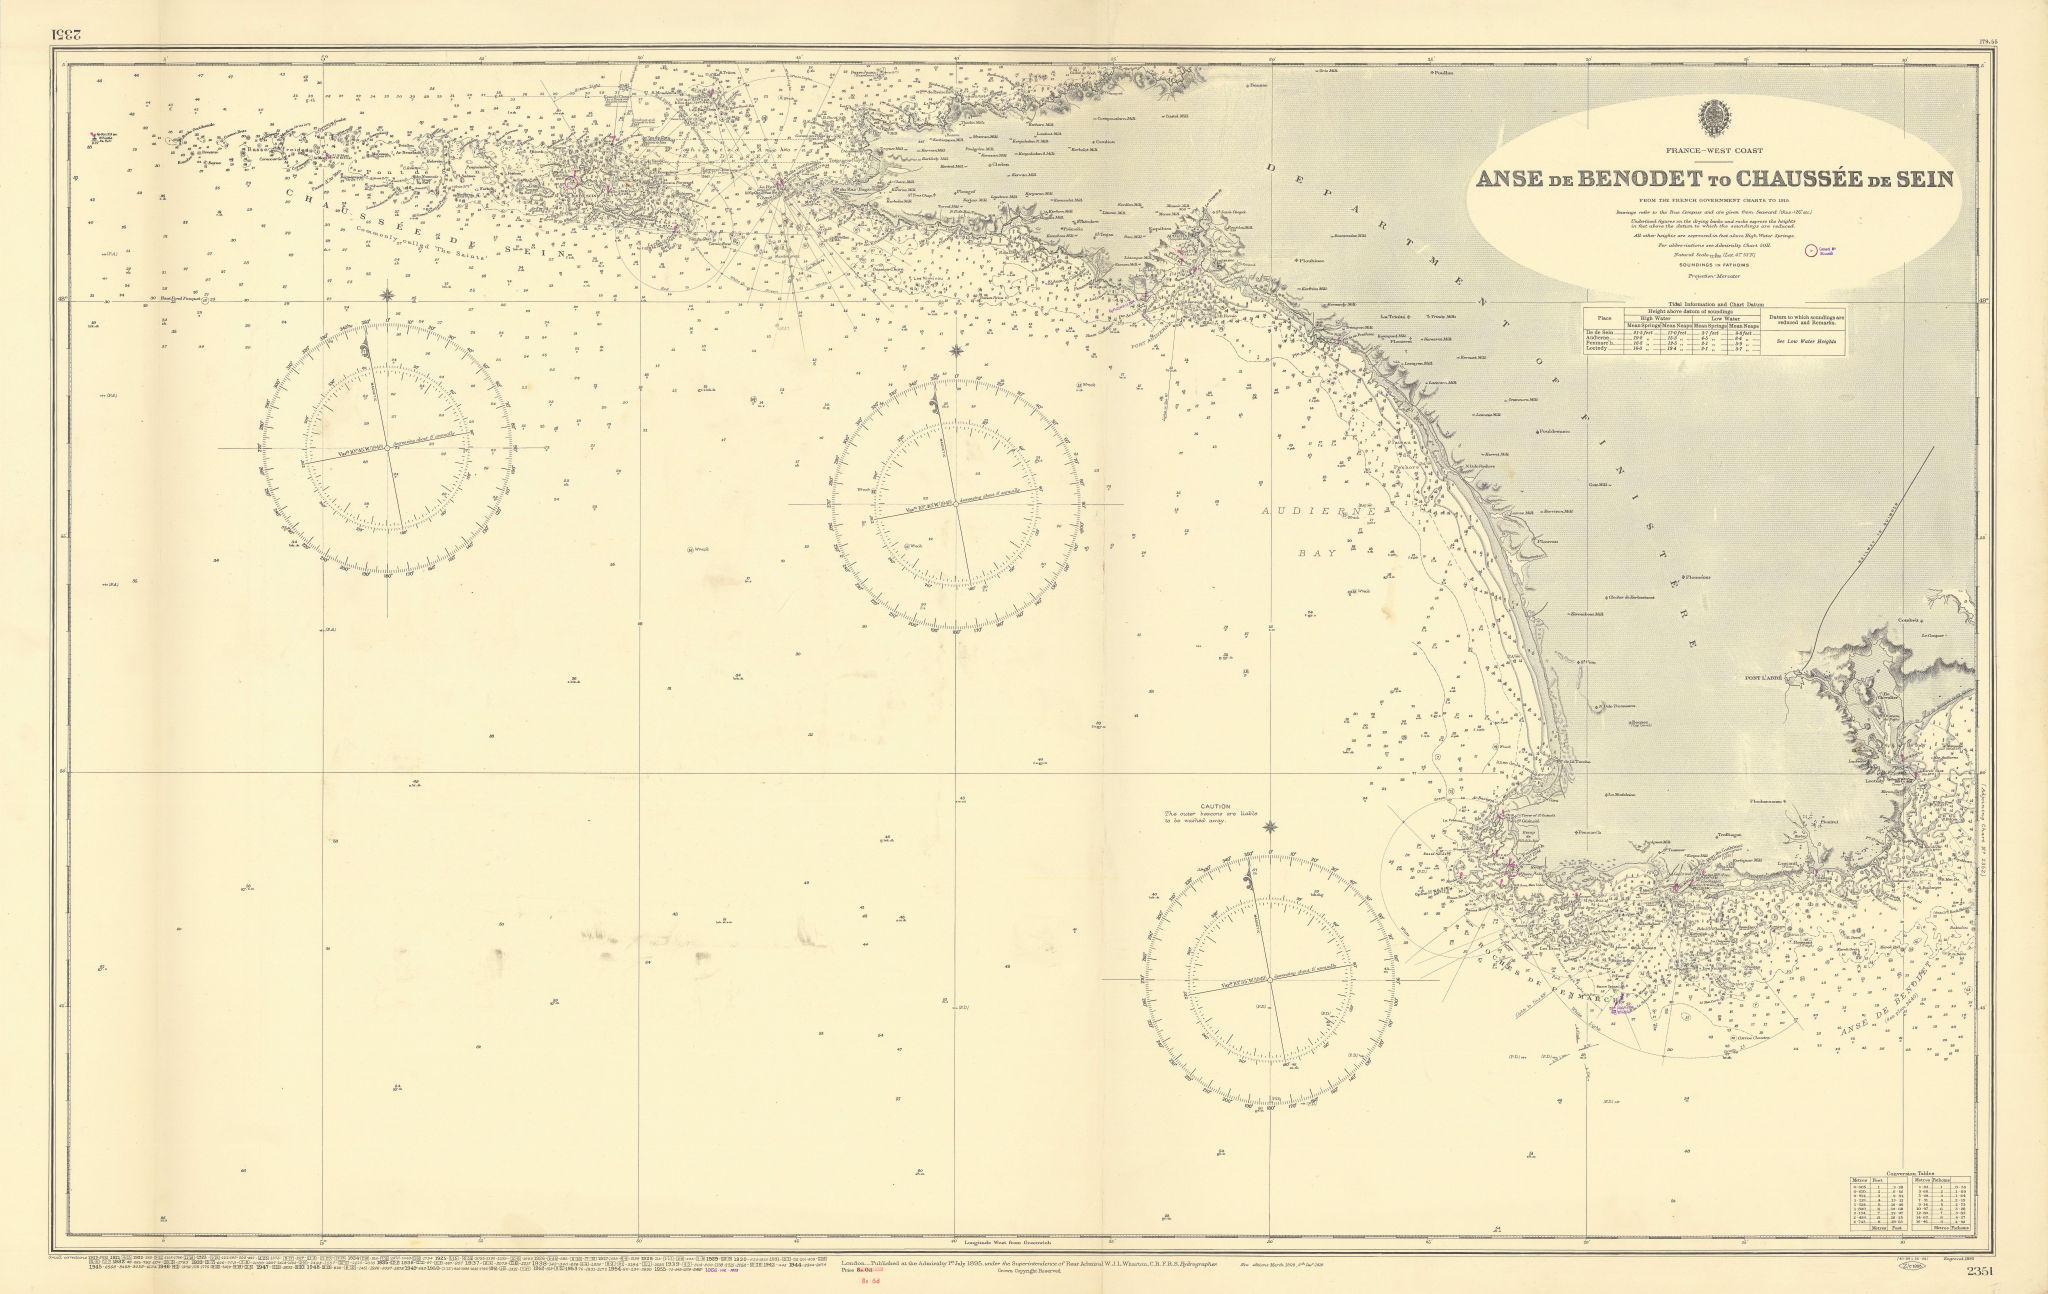 Finistère coast Anse de Benodet-Chaussée de Sein ADMIRALTY chart 1895 (1956) map